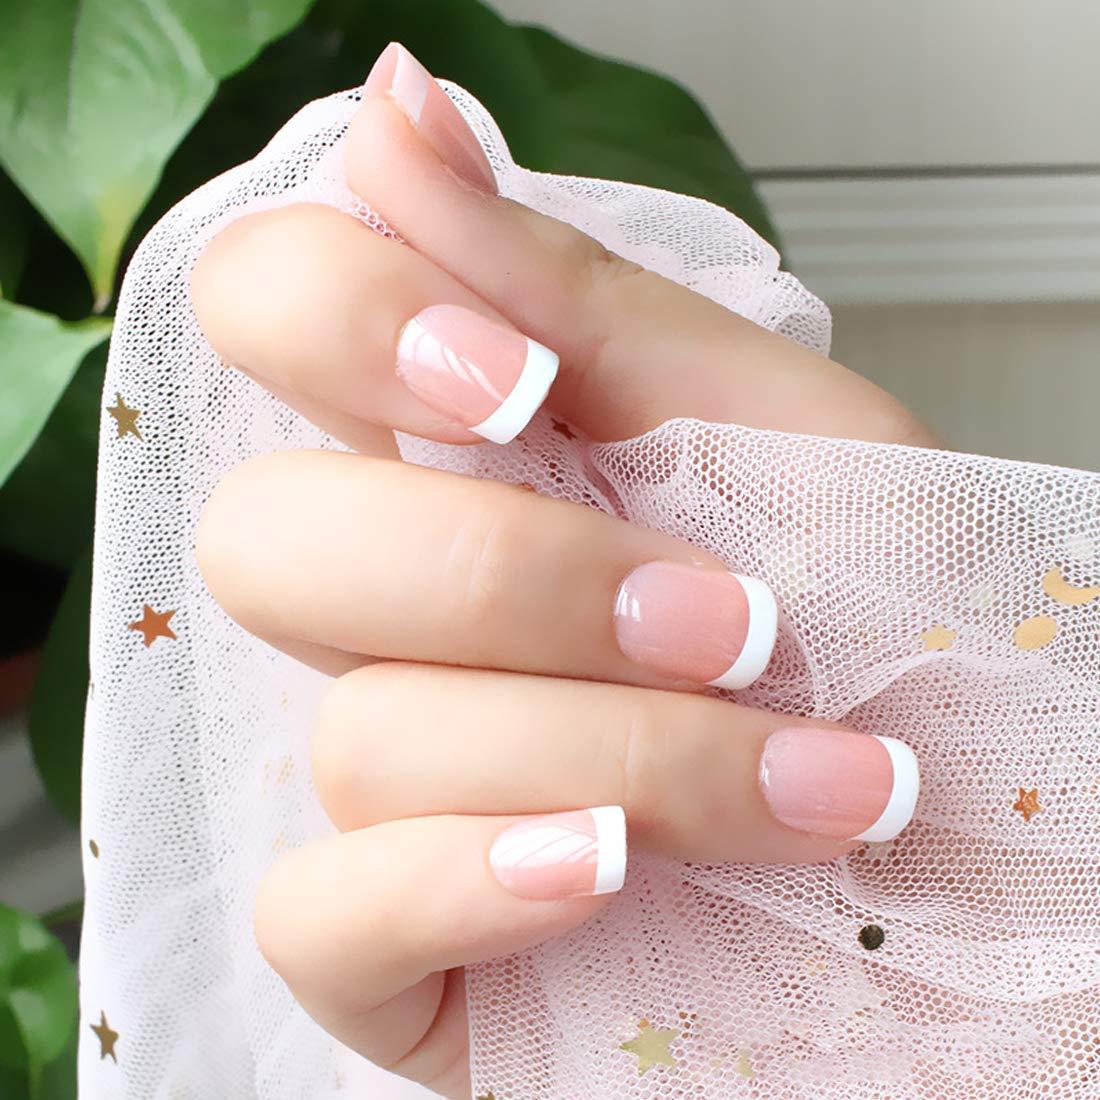 Amazon.com: 120 piezas uñas falsas, kit de uñas acrílicas ...